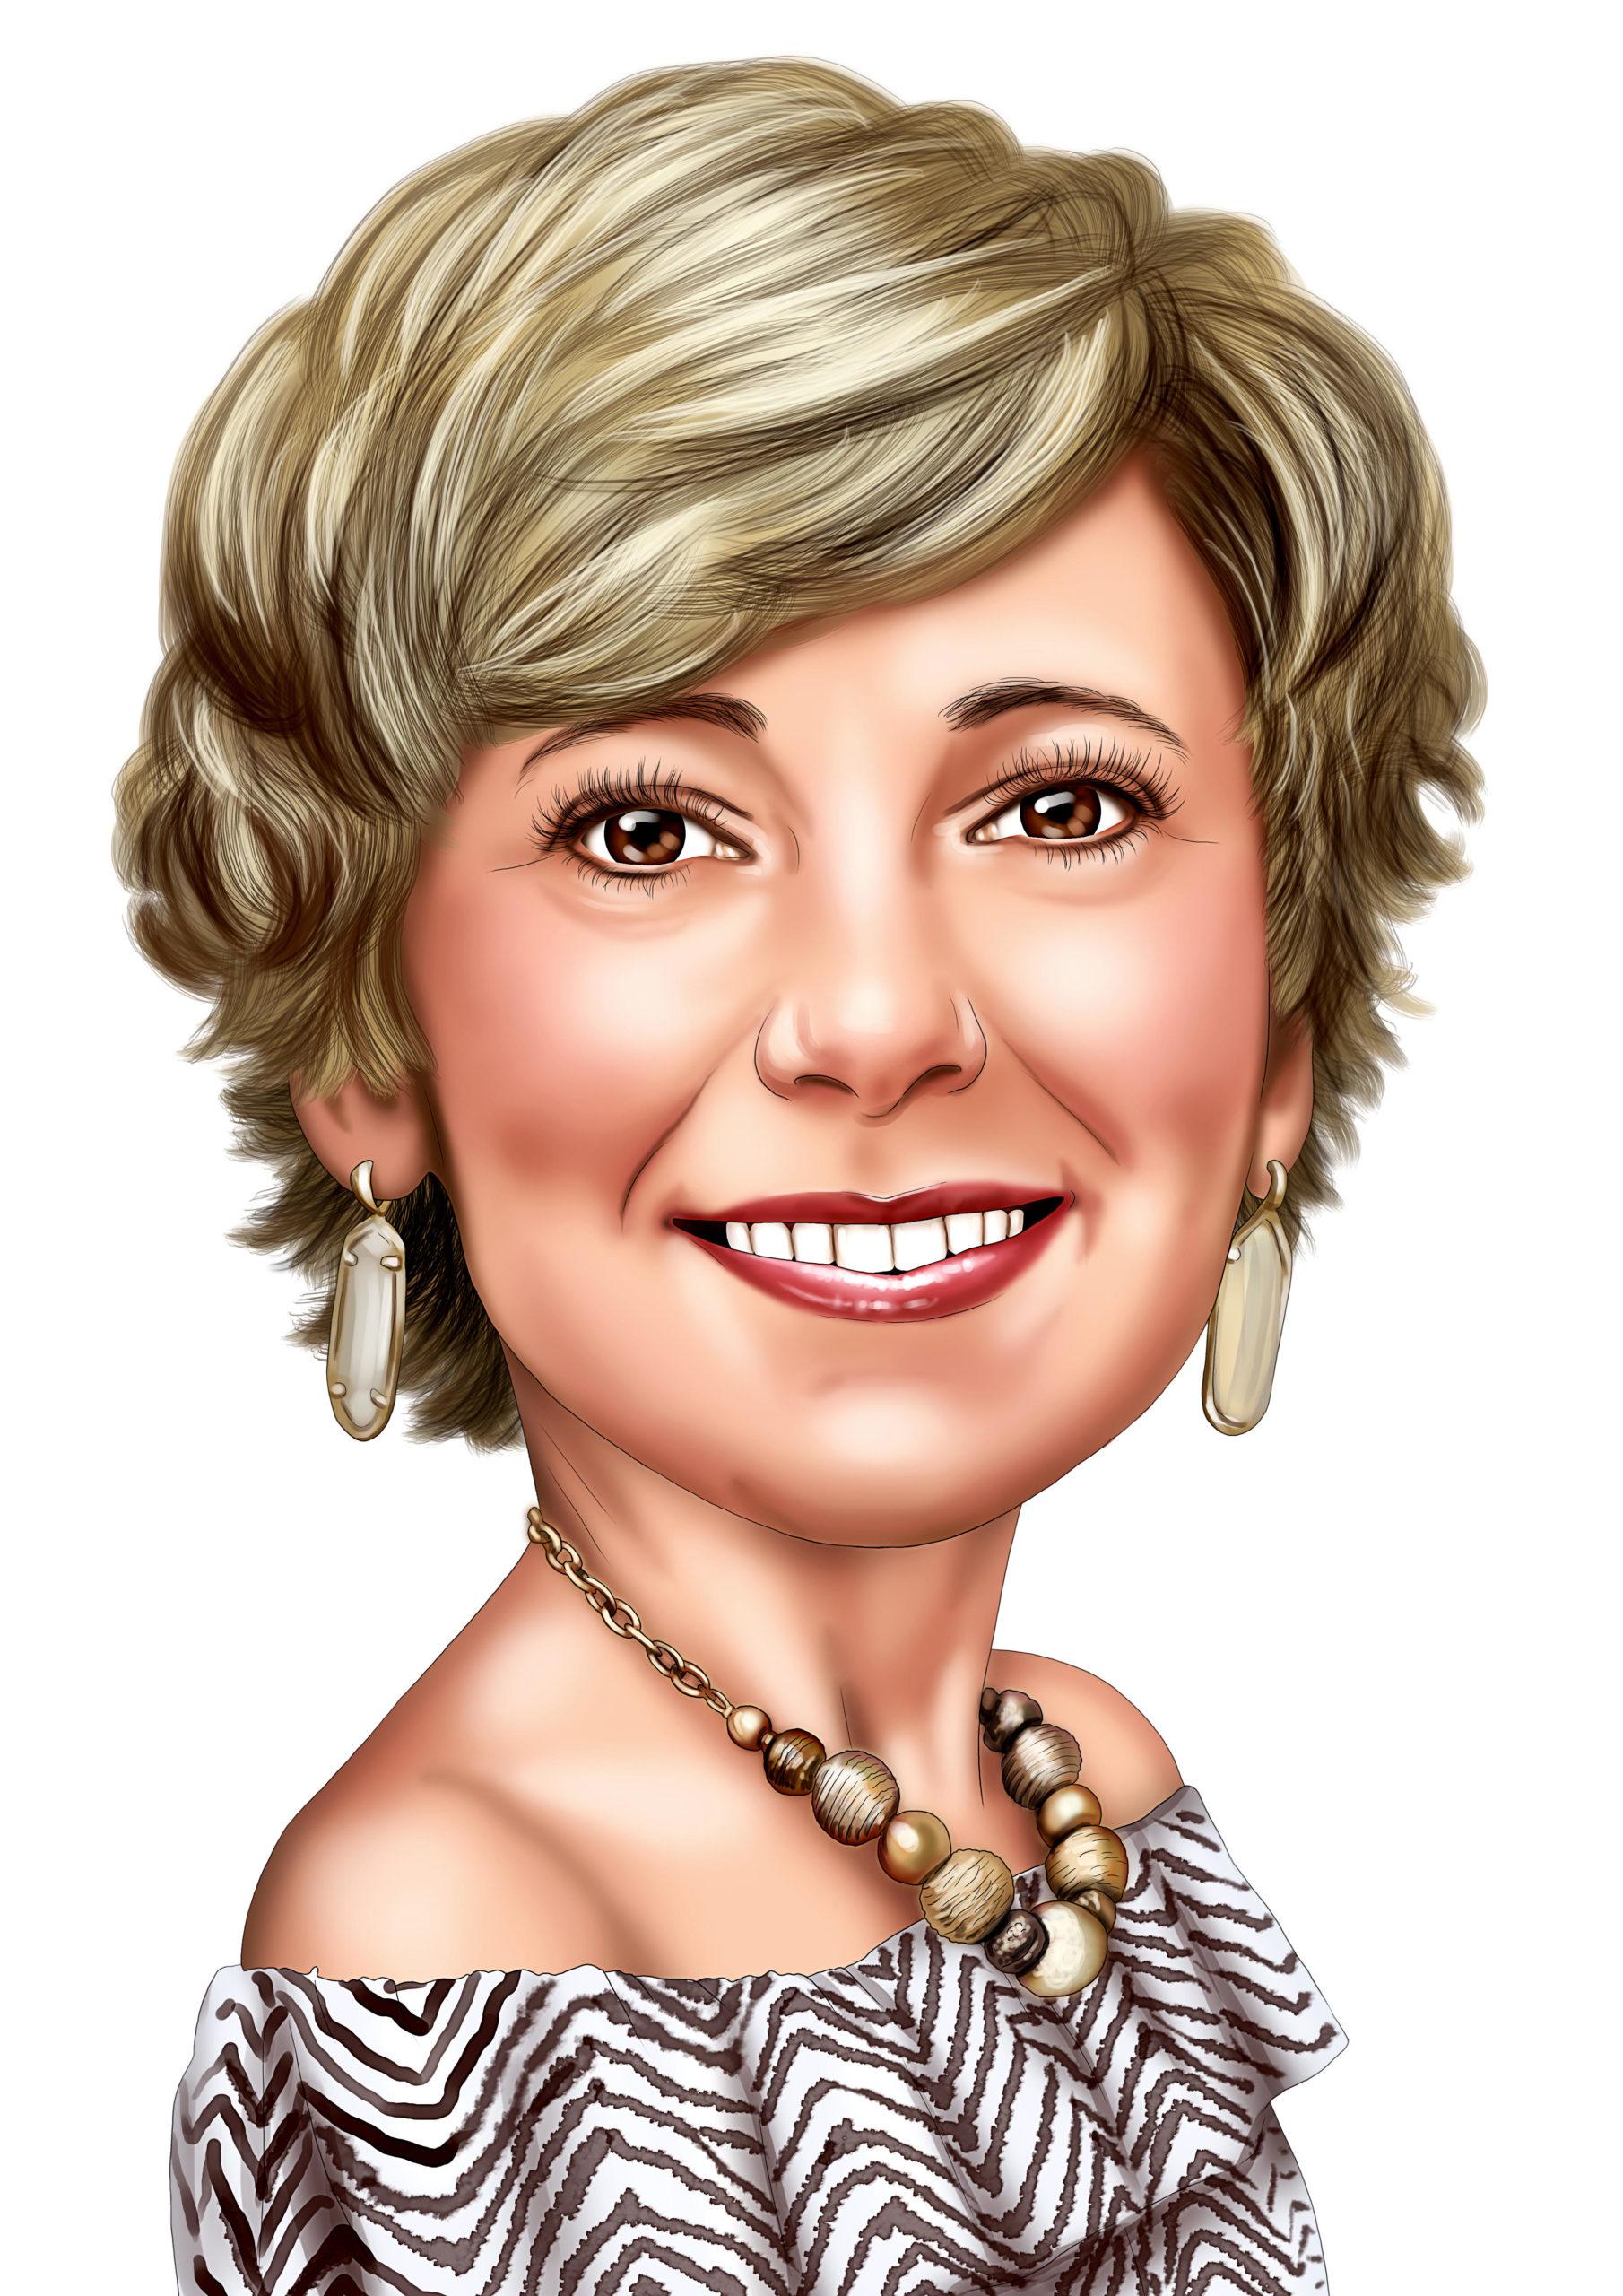 Yvette Frye